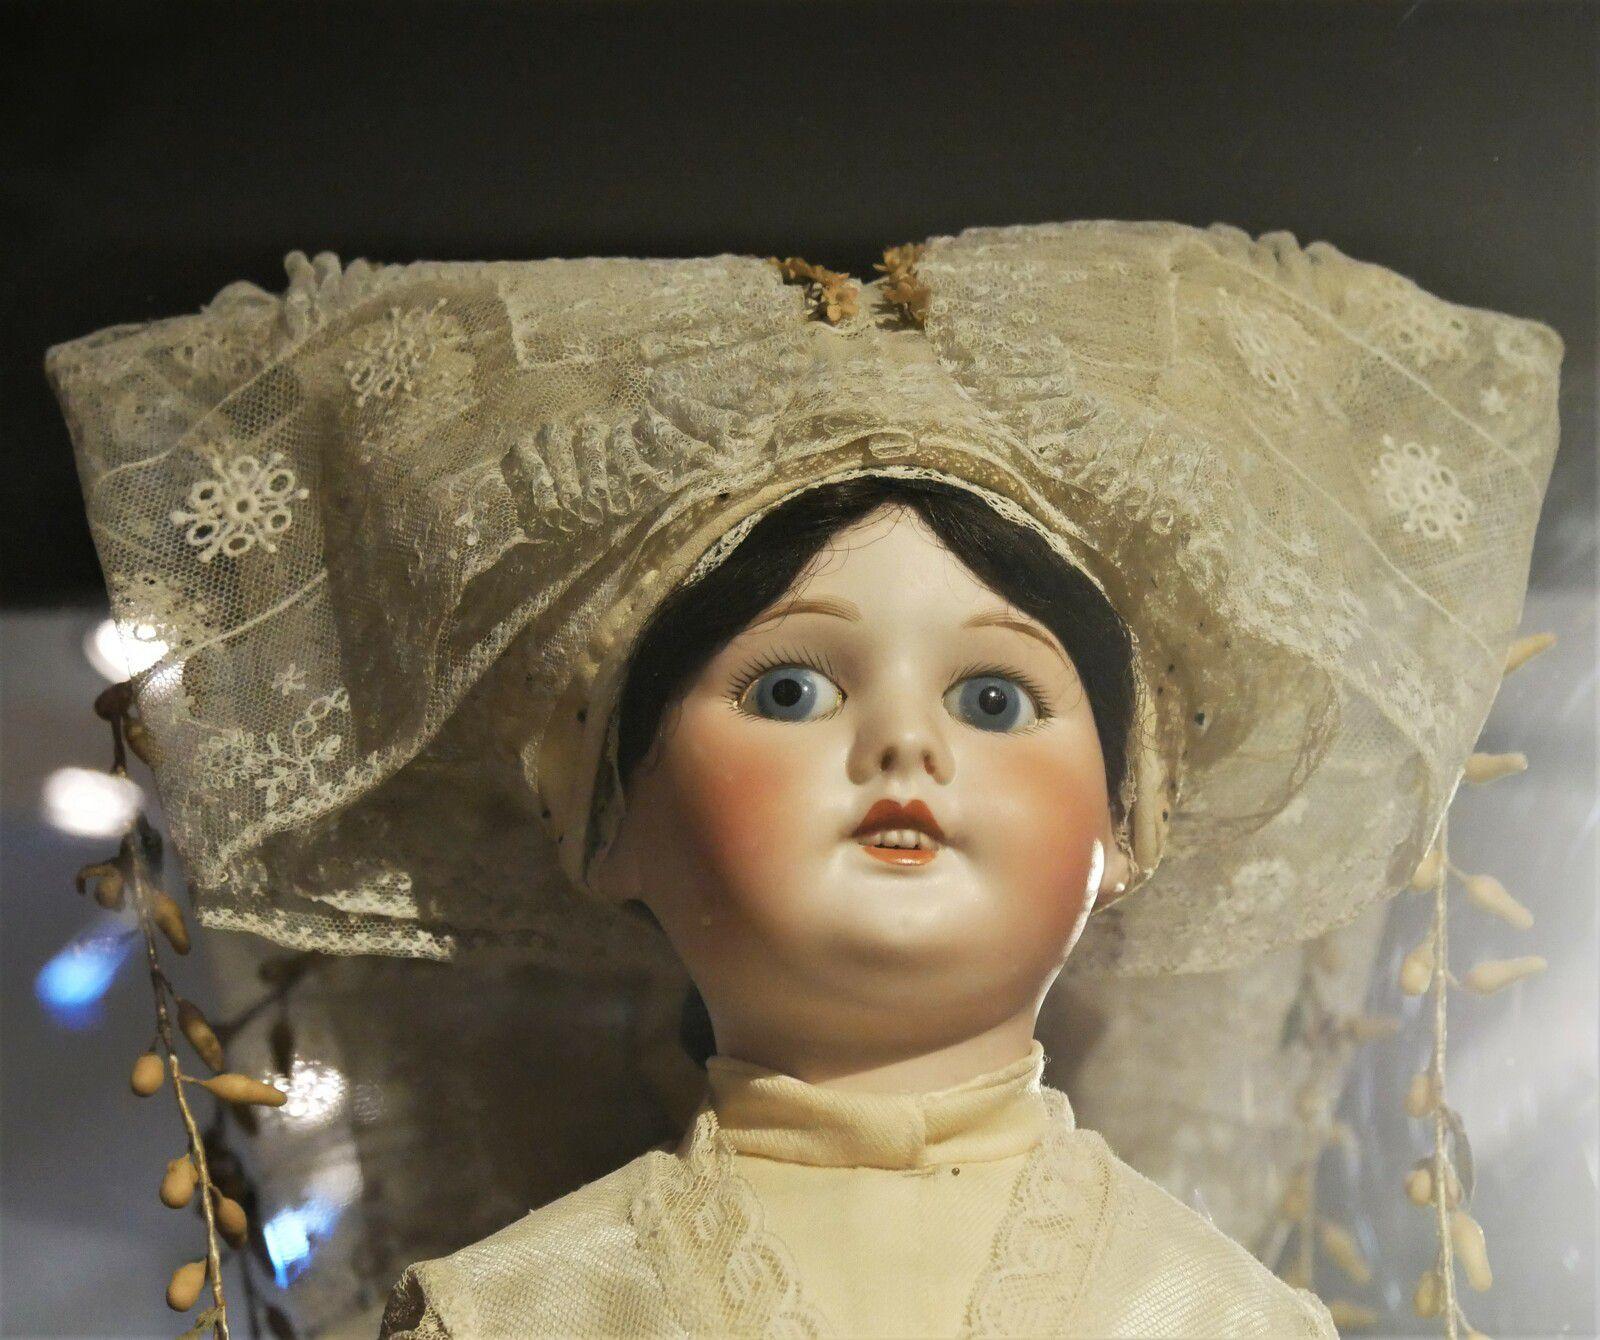 Les coiffes de l'île d'Oléron. Musée de Saint-Pierre. Les poupées en costume. Le ballon, la coiffette, la colinette, le ballet,,